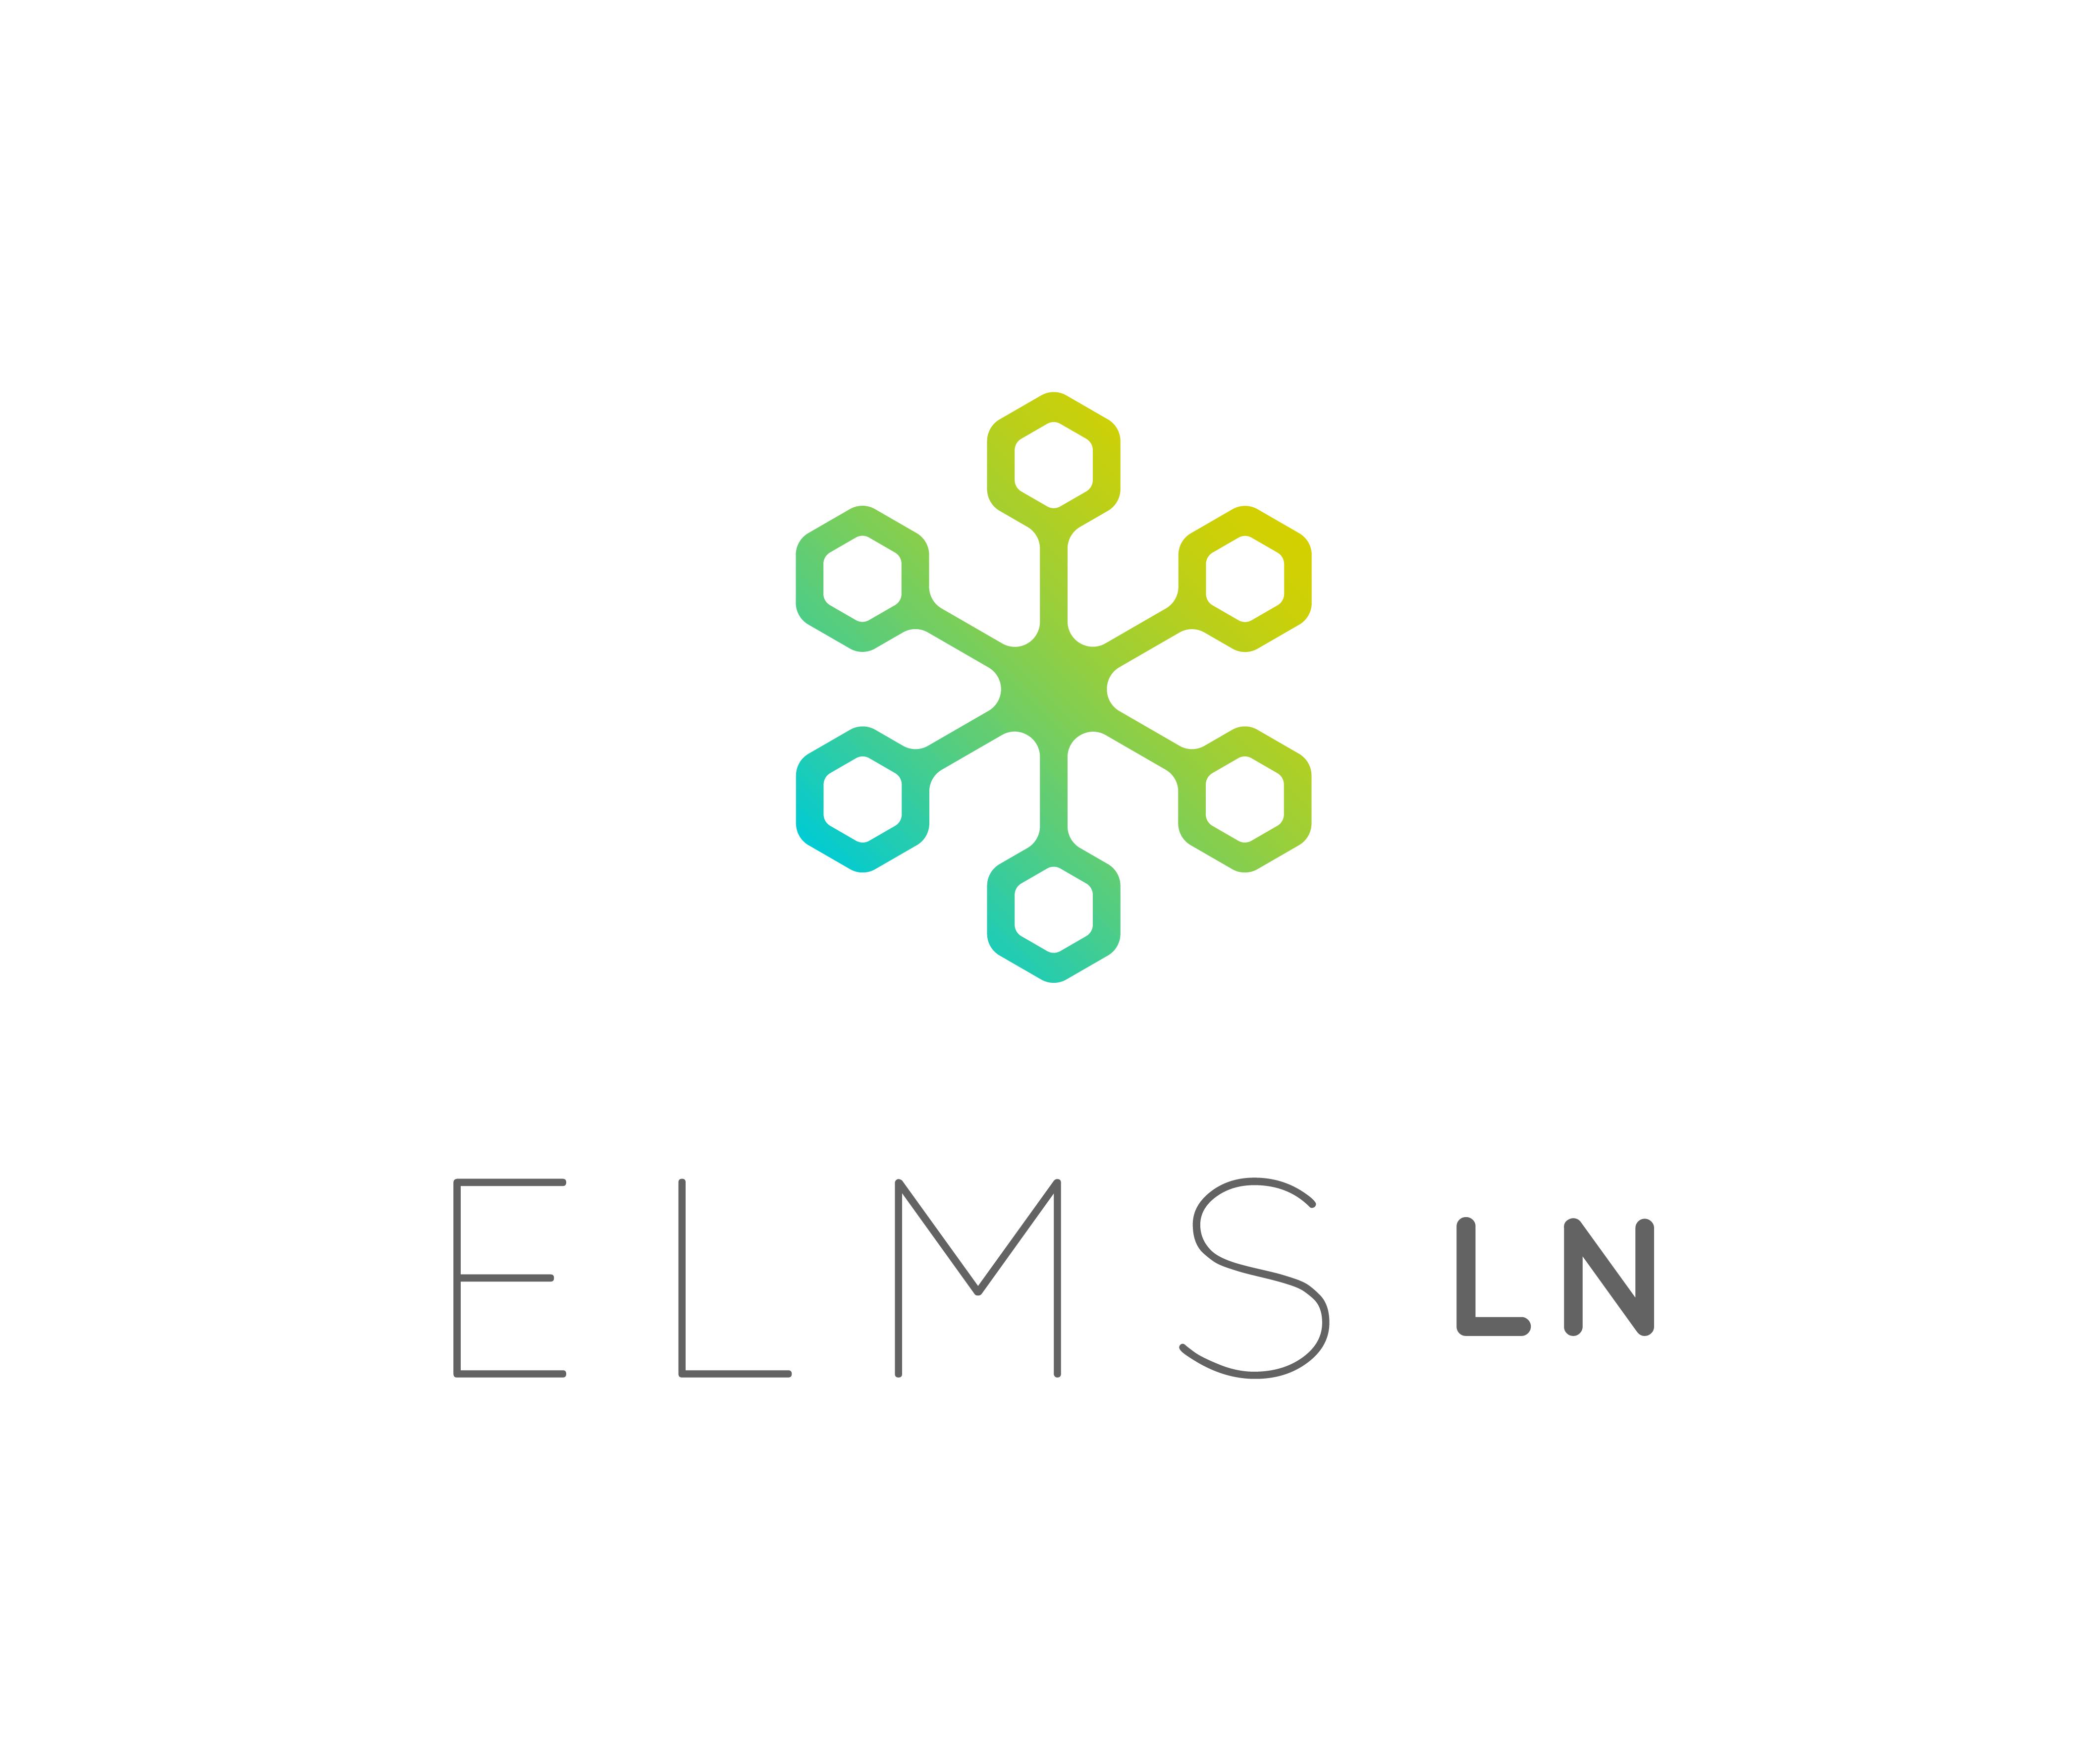 ELMS Learning Network Branding